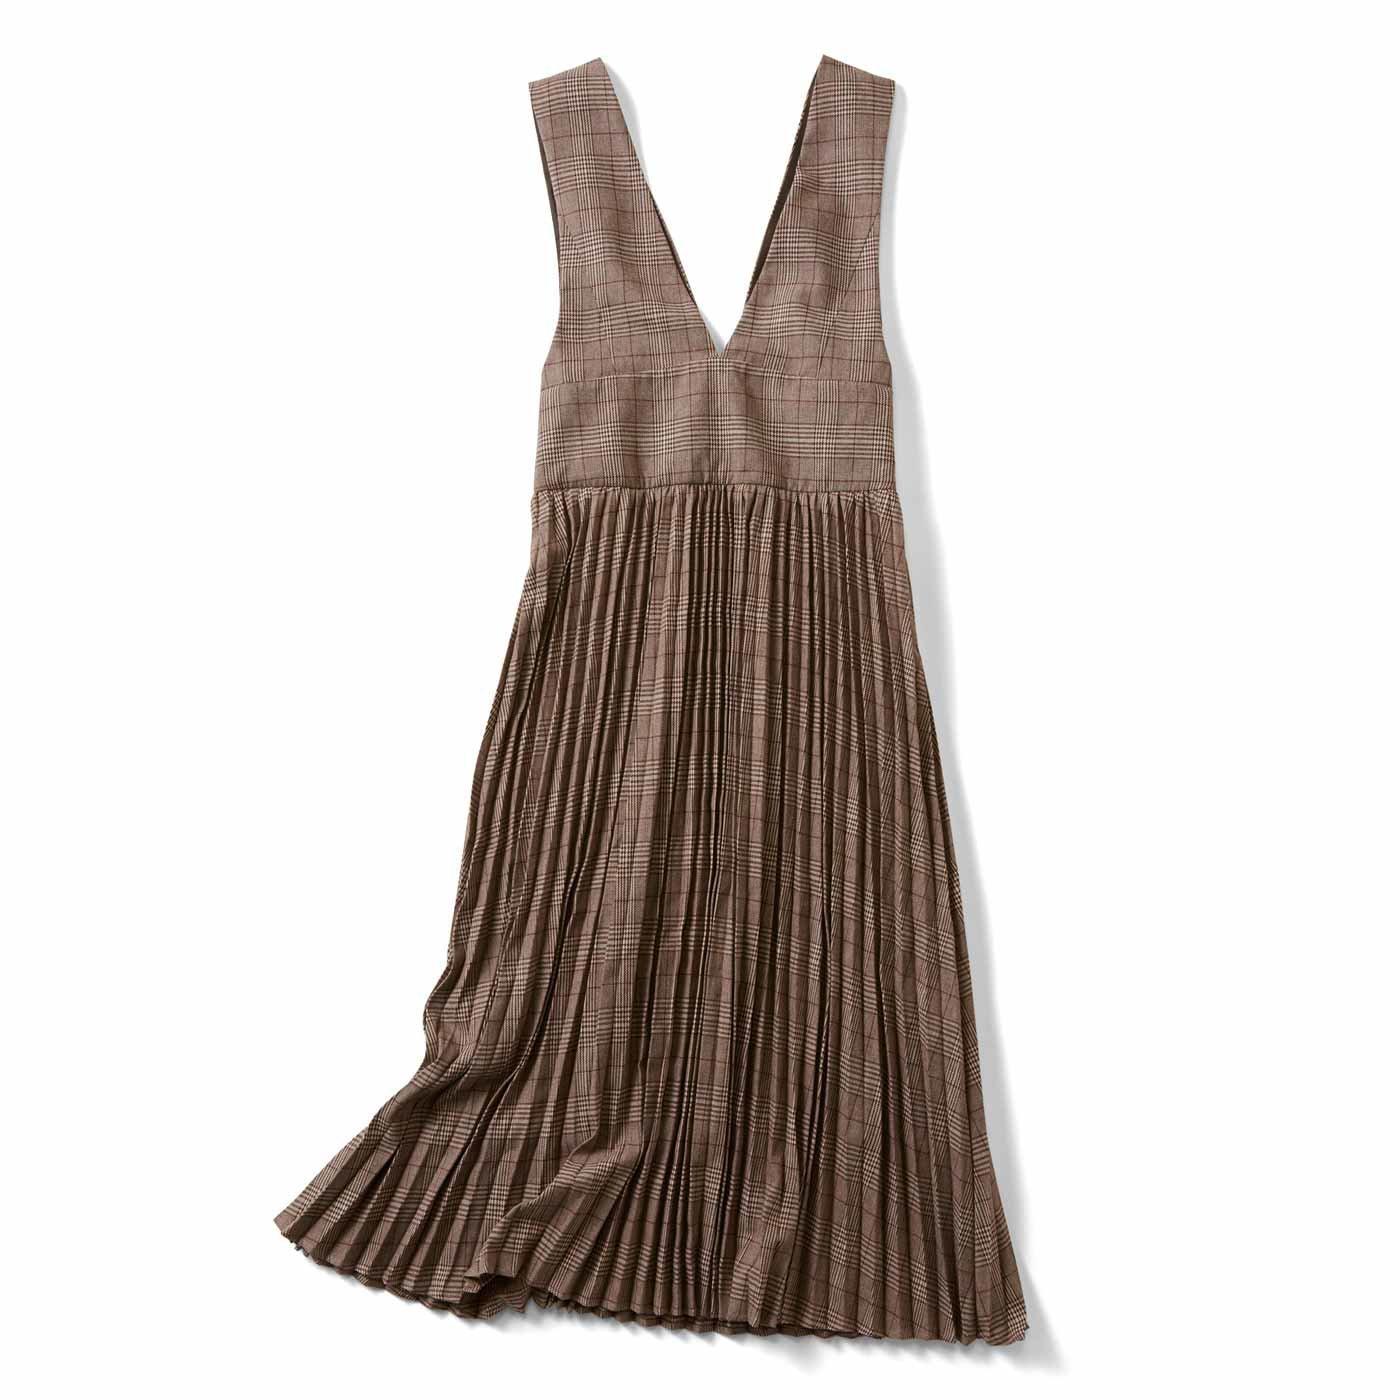 IEDIT[イディット] 深Vネックですっきり着こなせる グレンチェックジャンパースカート〈ブラウン〉